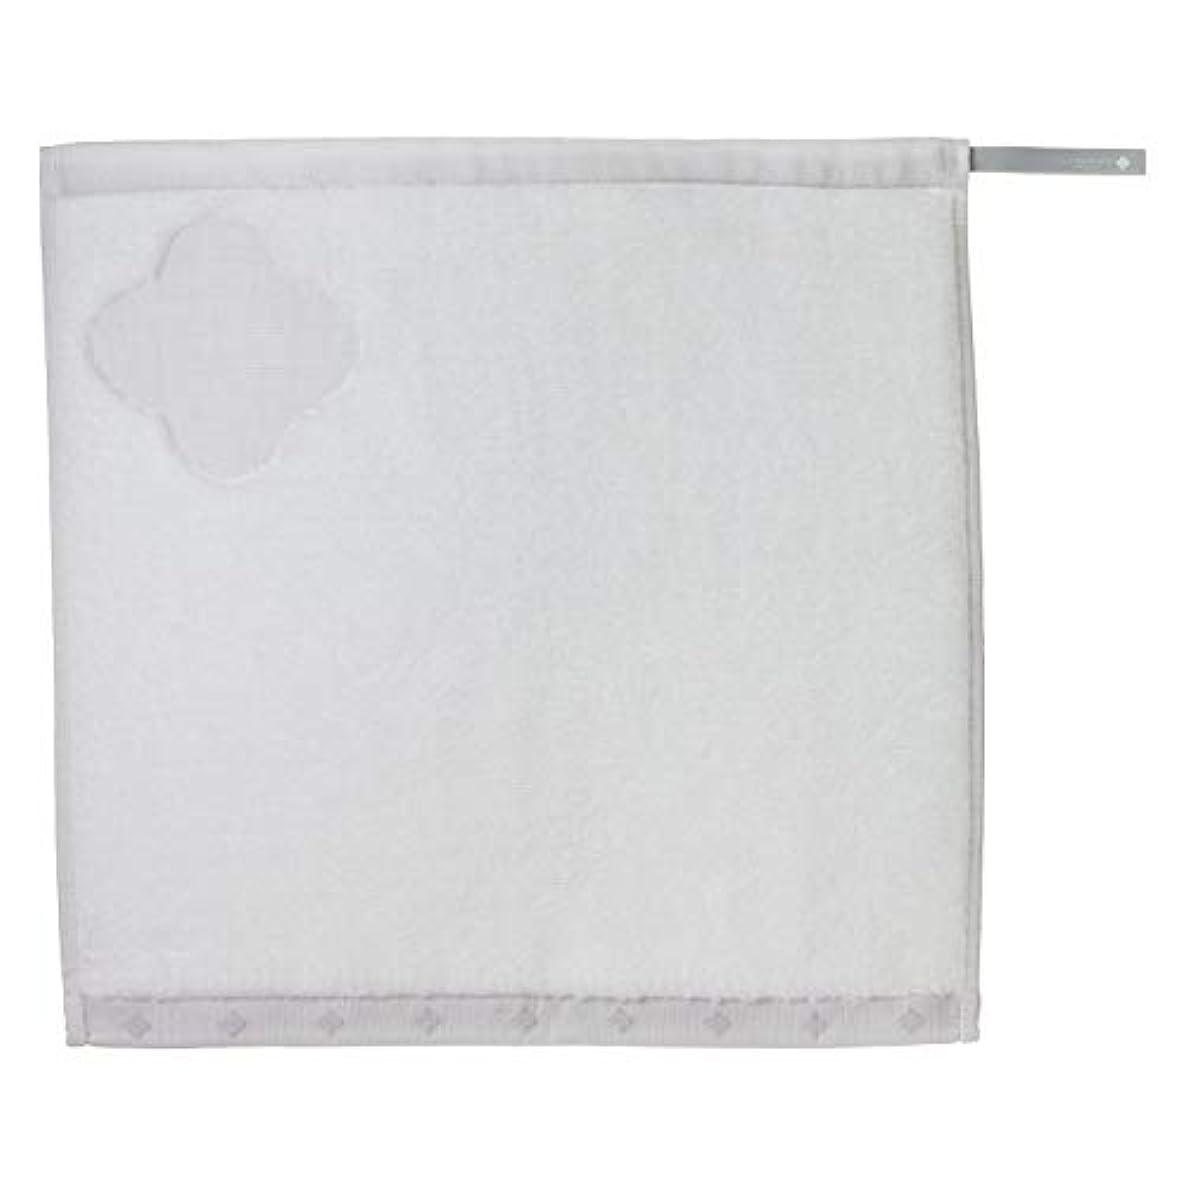 差し控える問い合わせるポルティコKOBAKO(コバコ) スチーム洗顔タオル